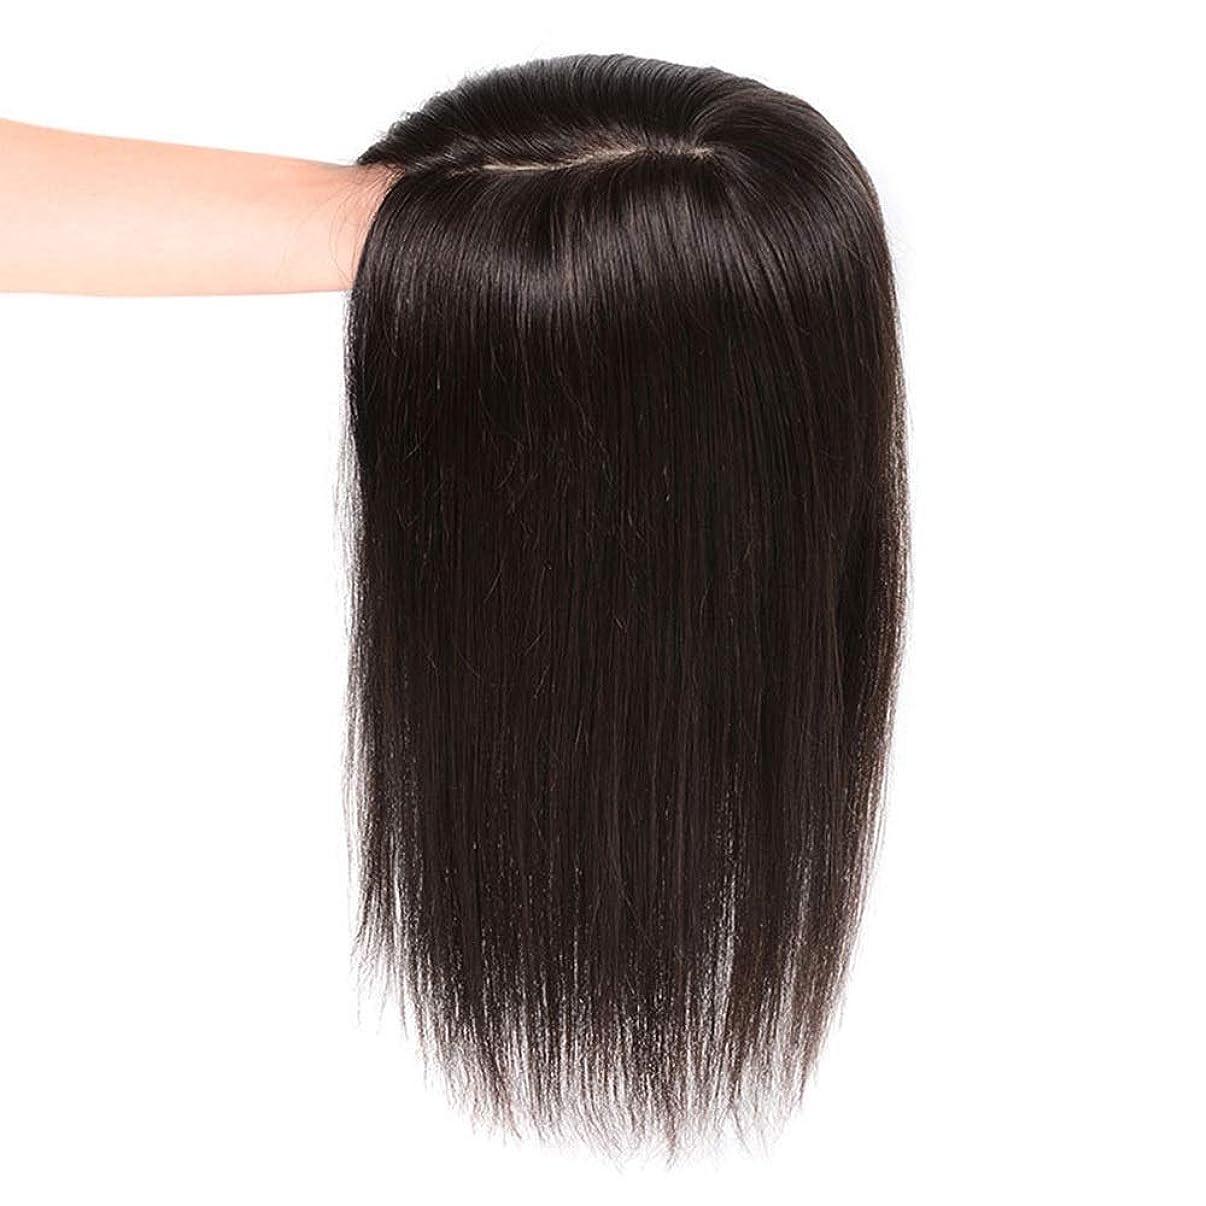 手配するプラットフォーム単独でBOBIDYEE 女性のための3Dハンドニードルリアルヘアウィッグナチュラルヘアエクステンションホワイトヘアパーティーウィッグ (Color : Natural black, サイズ : [7x10]30cm)